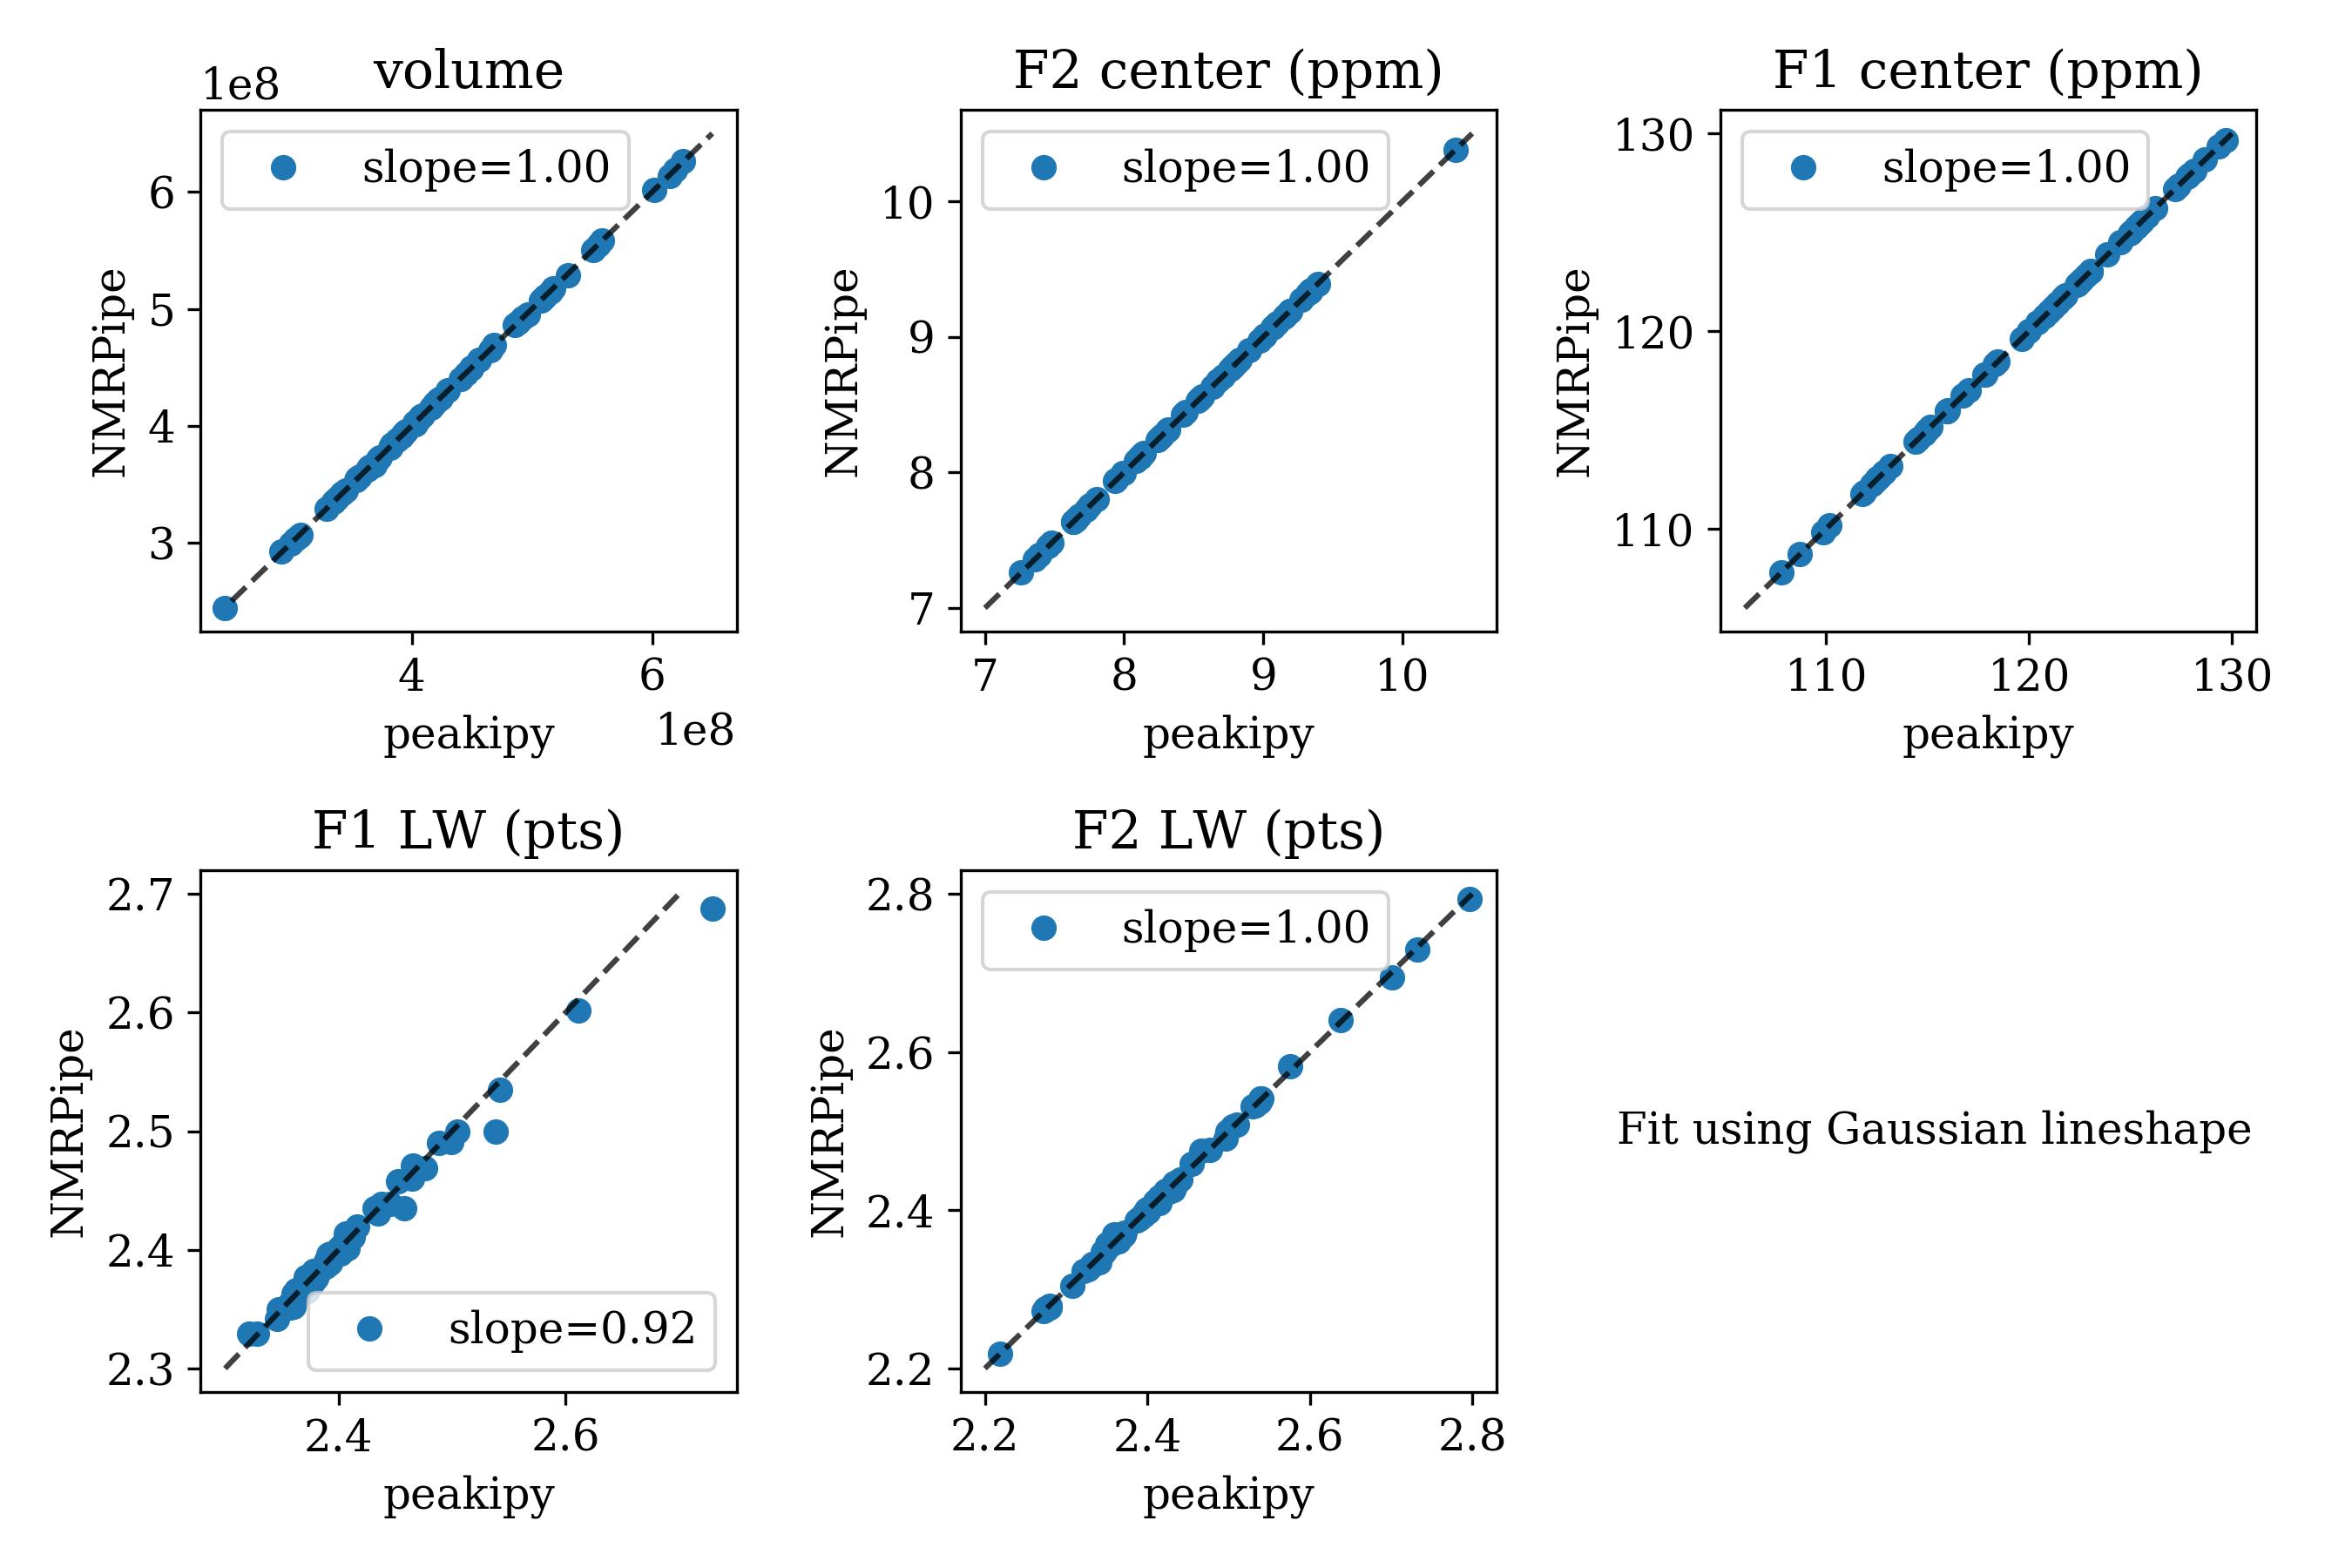 NMRPipe vs peakipy